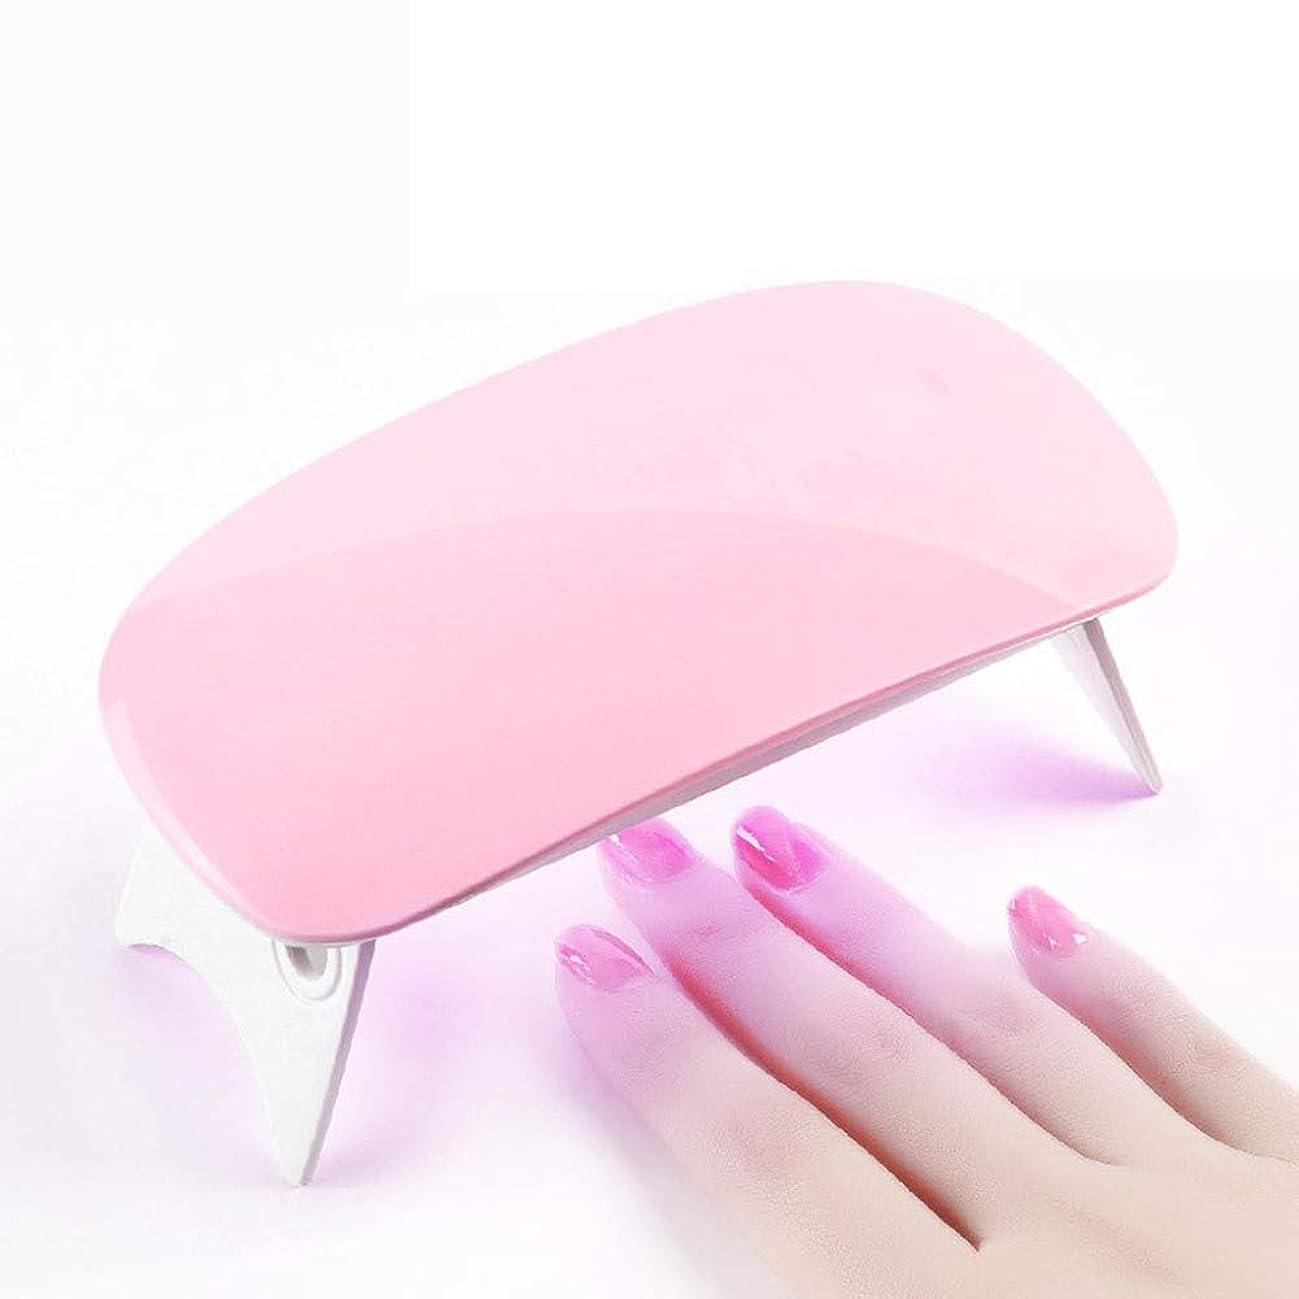 統治する環境ポスト印象派LEDネイルドライヤー UVライト 折りたたみ式手足とも使える LED 硬化ライト UV と LEDダブルライト ジェルネイル用 (ピンク)